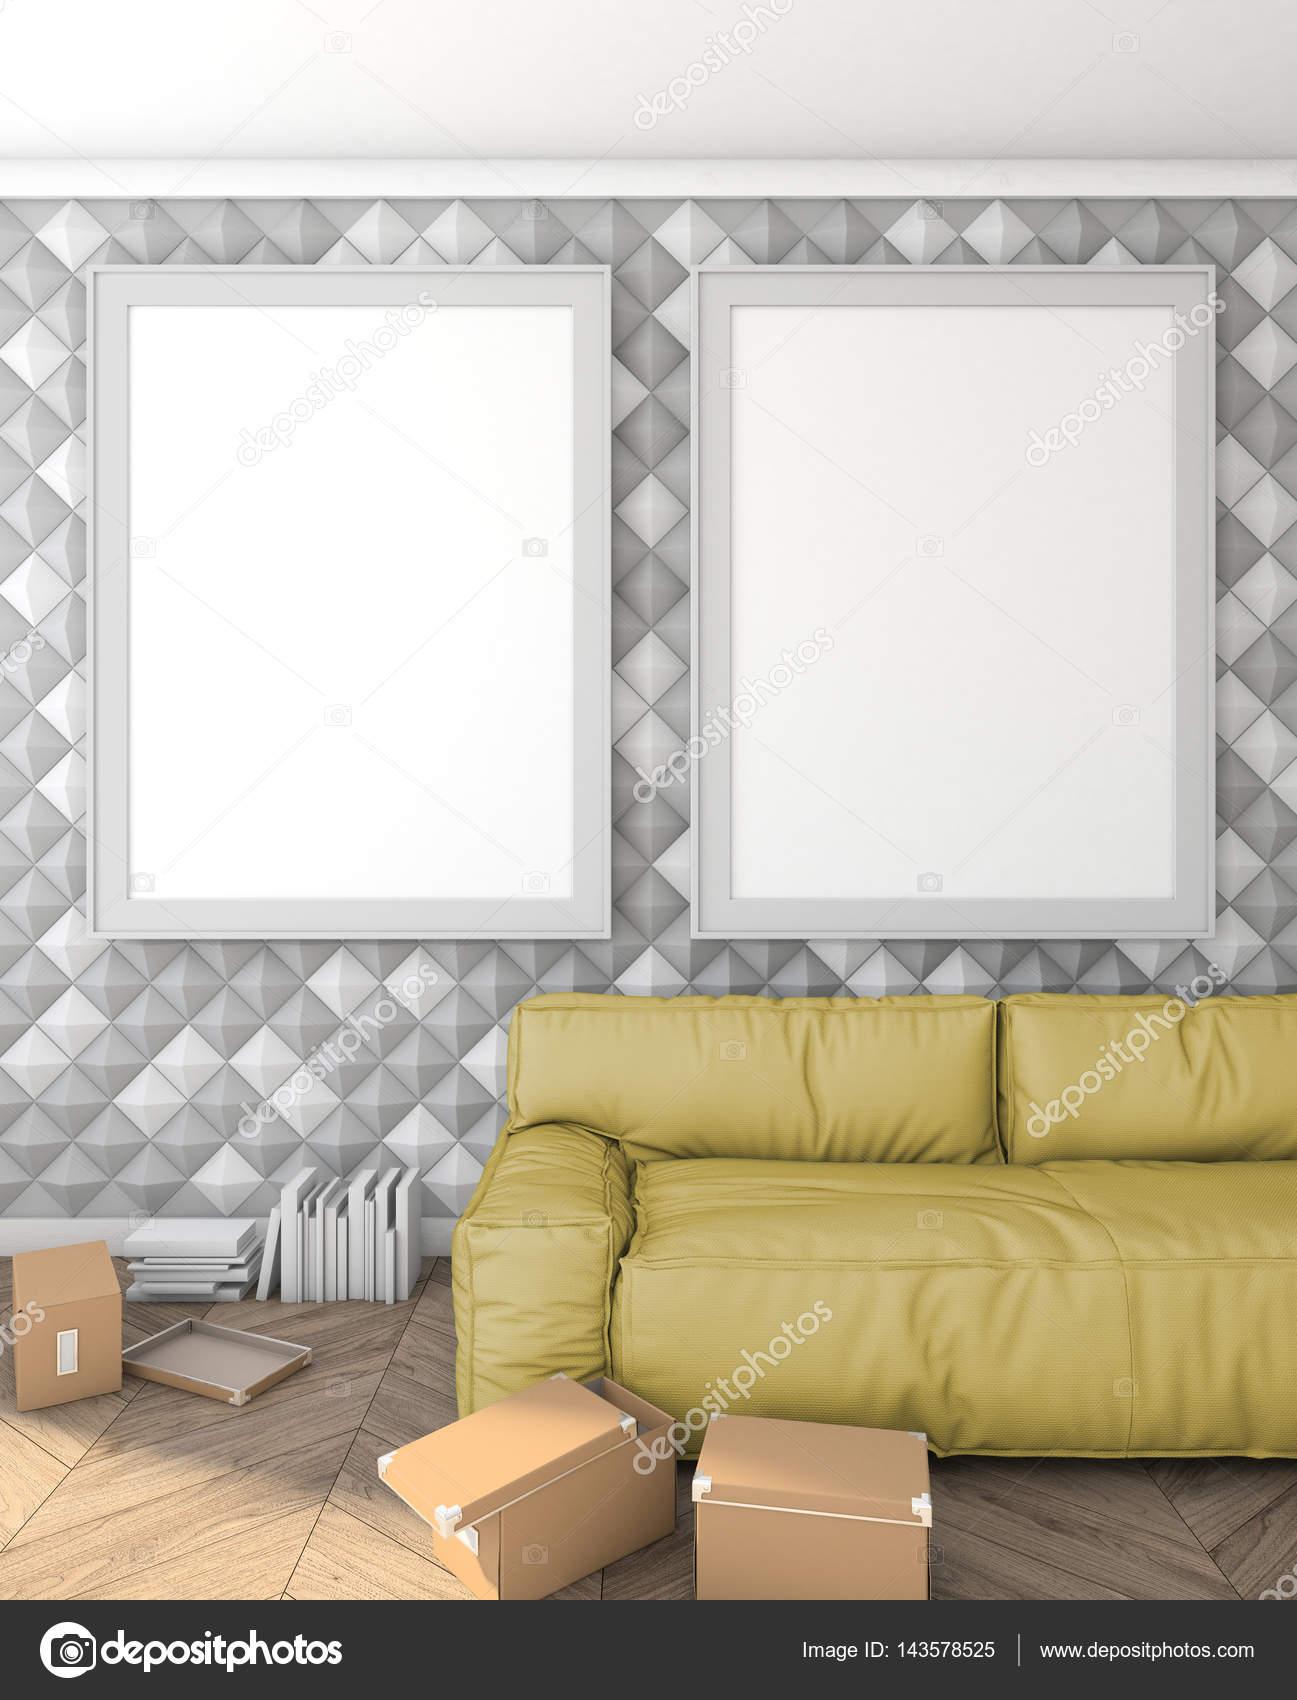 Makiety Plakaty Na ścianie W Nowoczesne Wnętrze Z Sofą Loft